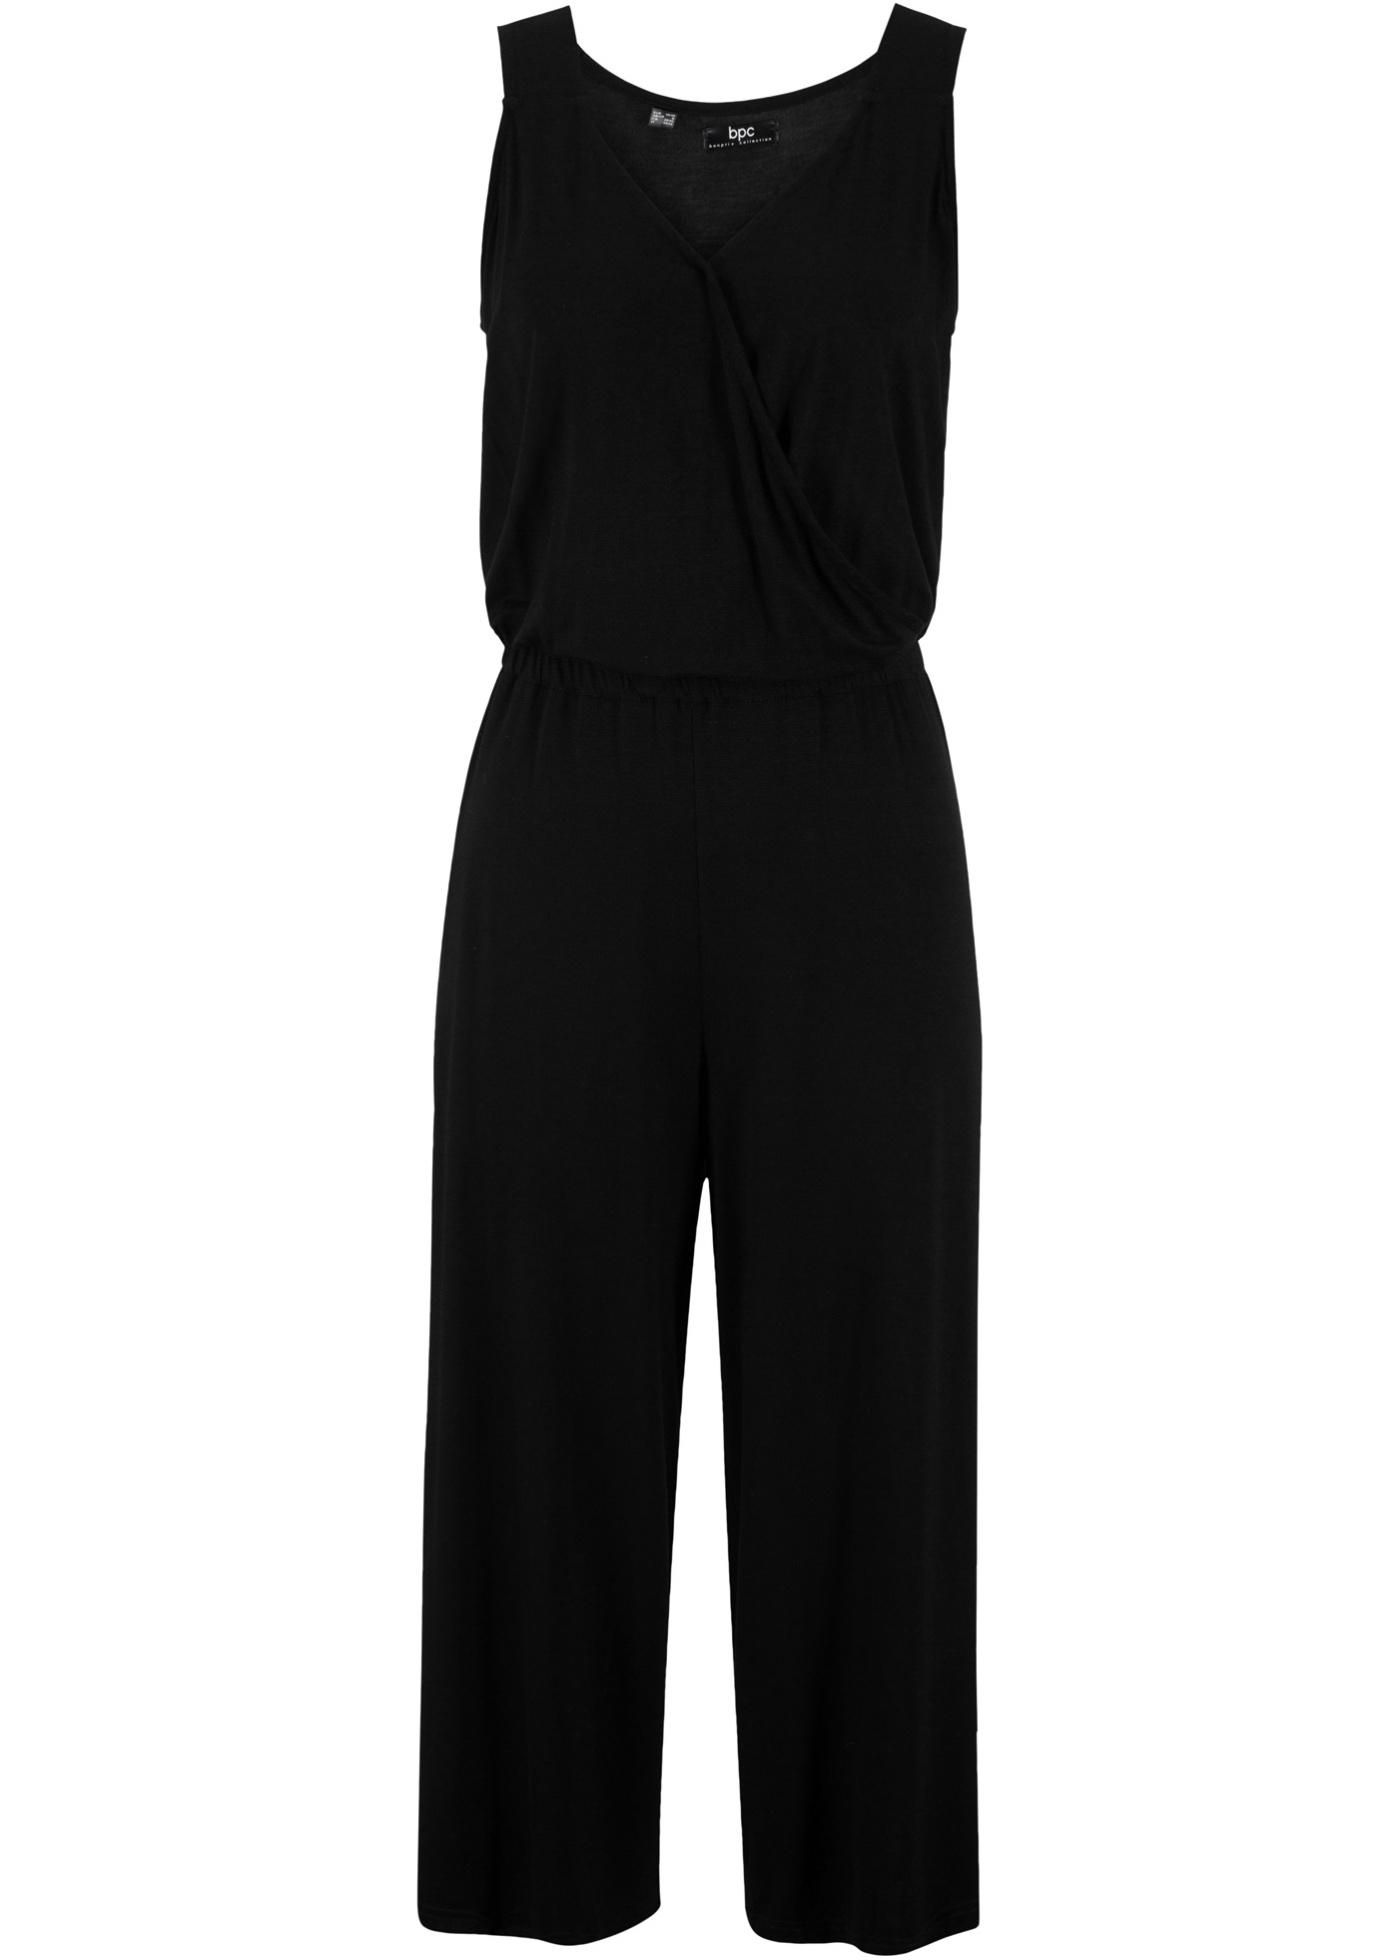 Bpc CollectionCombi Pantalon Sans Bonprix Manches Femme Noir Pour ikPuZOX